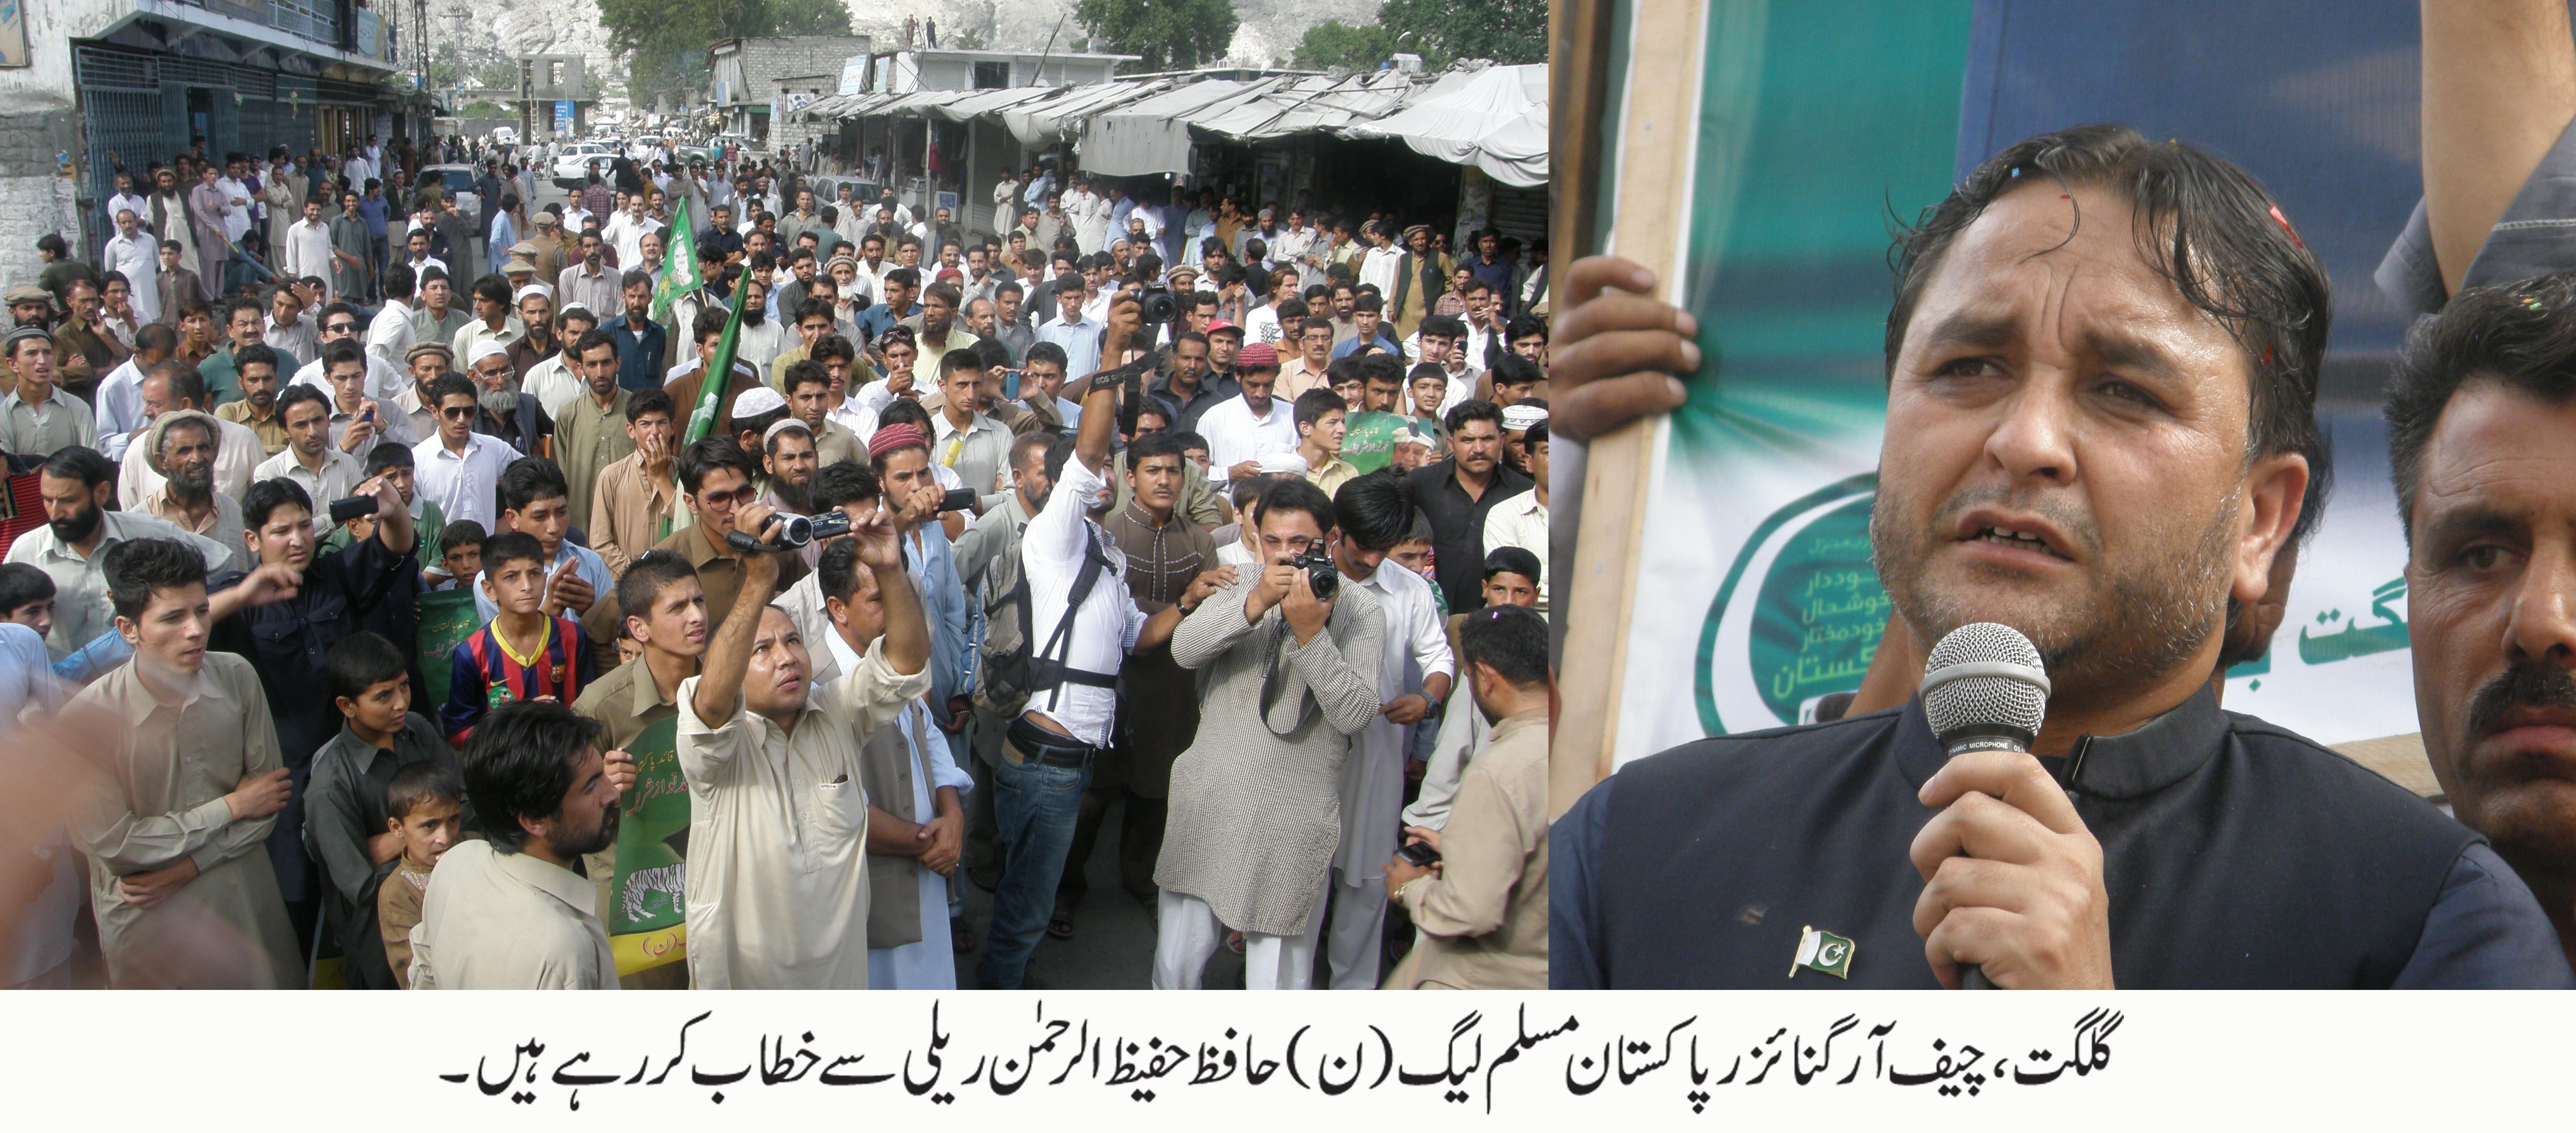 مسلم لیگ نواز کے زیر اہتمام گلگت میں استحکام پاکستان ریلی کا انعقاد